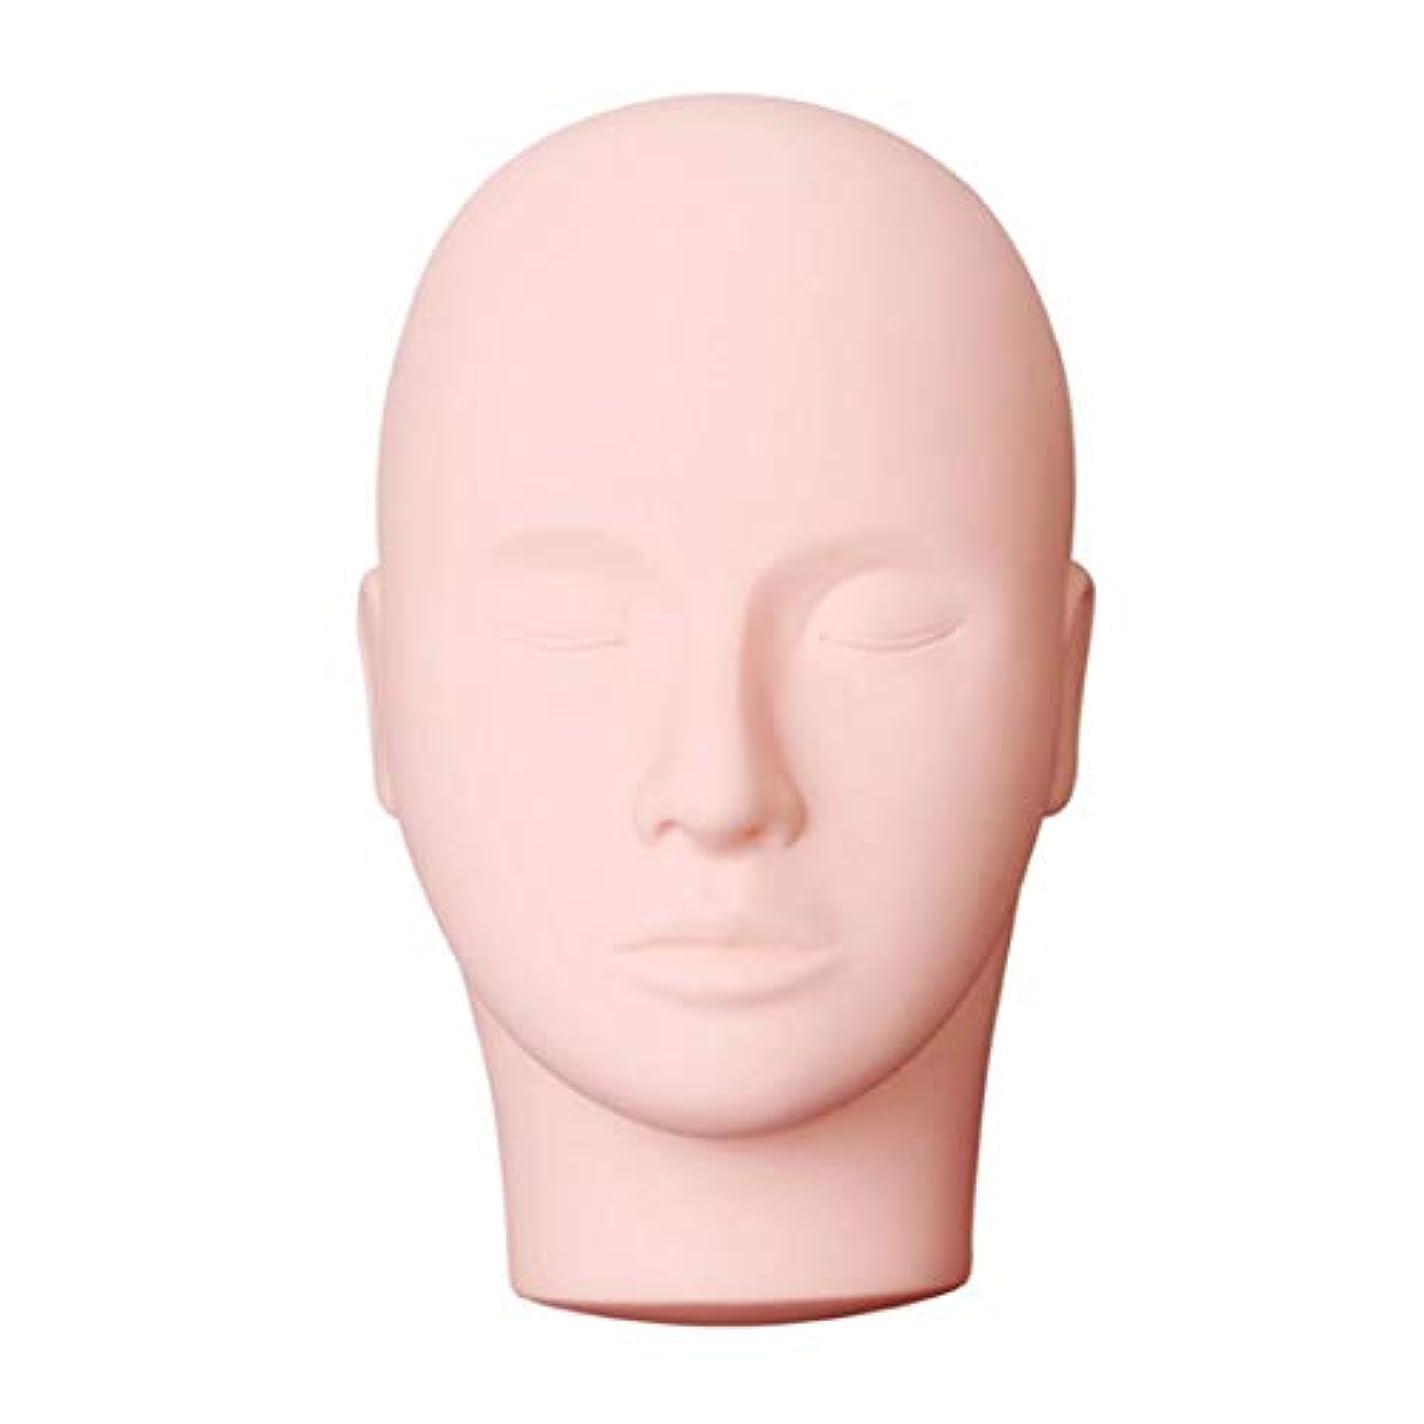 バーチャル退院シール美容メイクアップまつげ練習マネキンプロマッサージ化粧トレーニング美容マネキン人形顔頭モデル (色:黒) (PandaW)